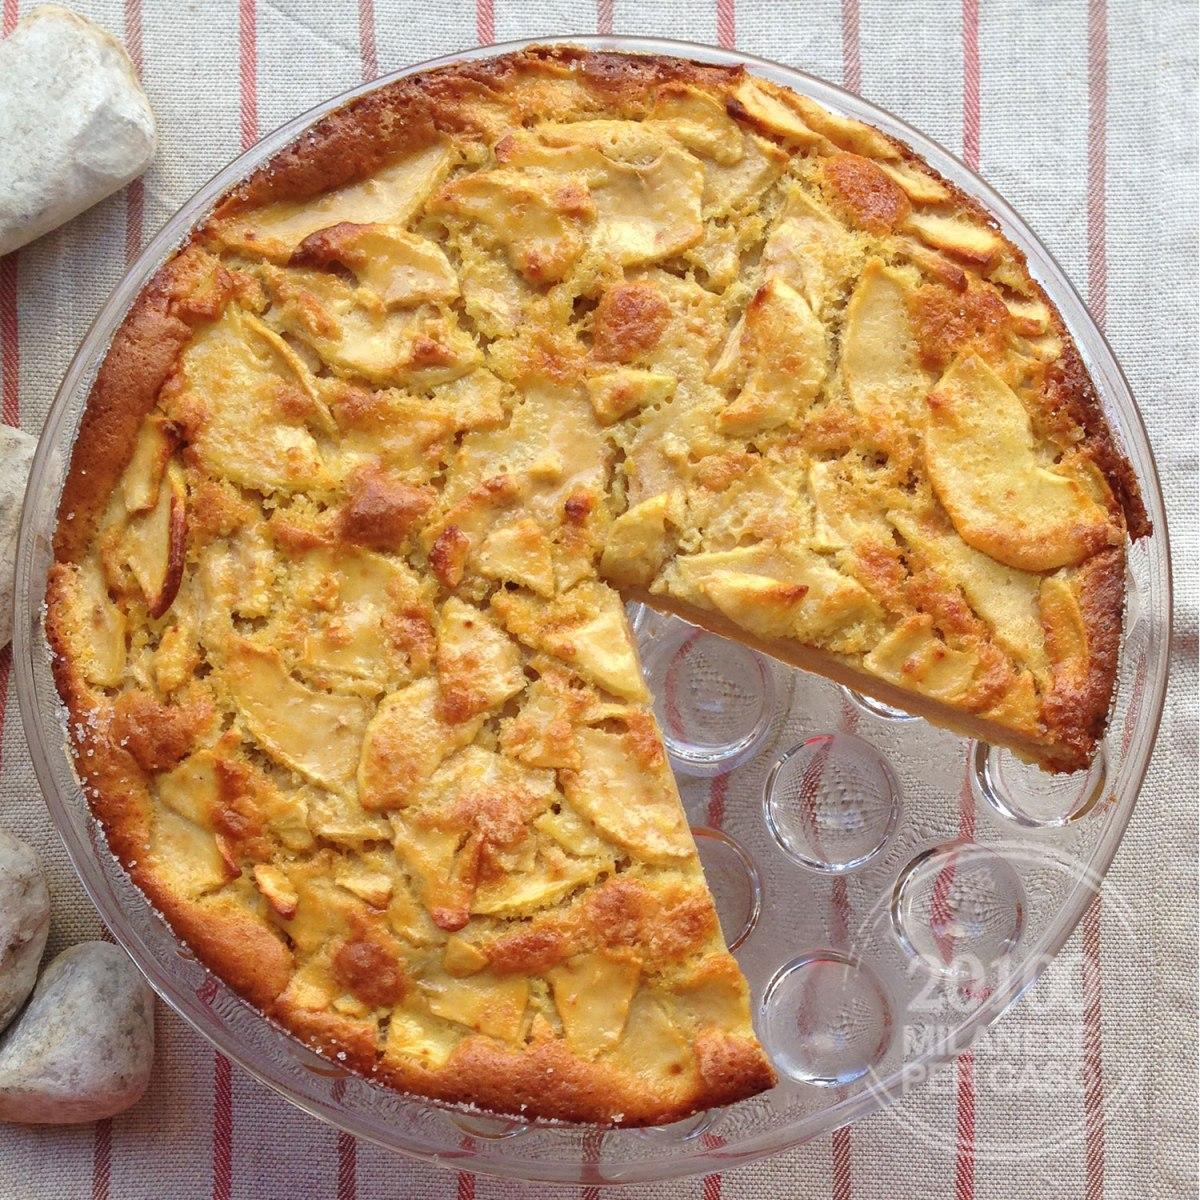 Torta di mele, un classico rivisitato in versione ligth